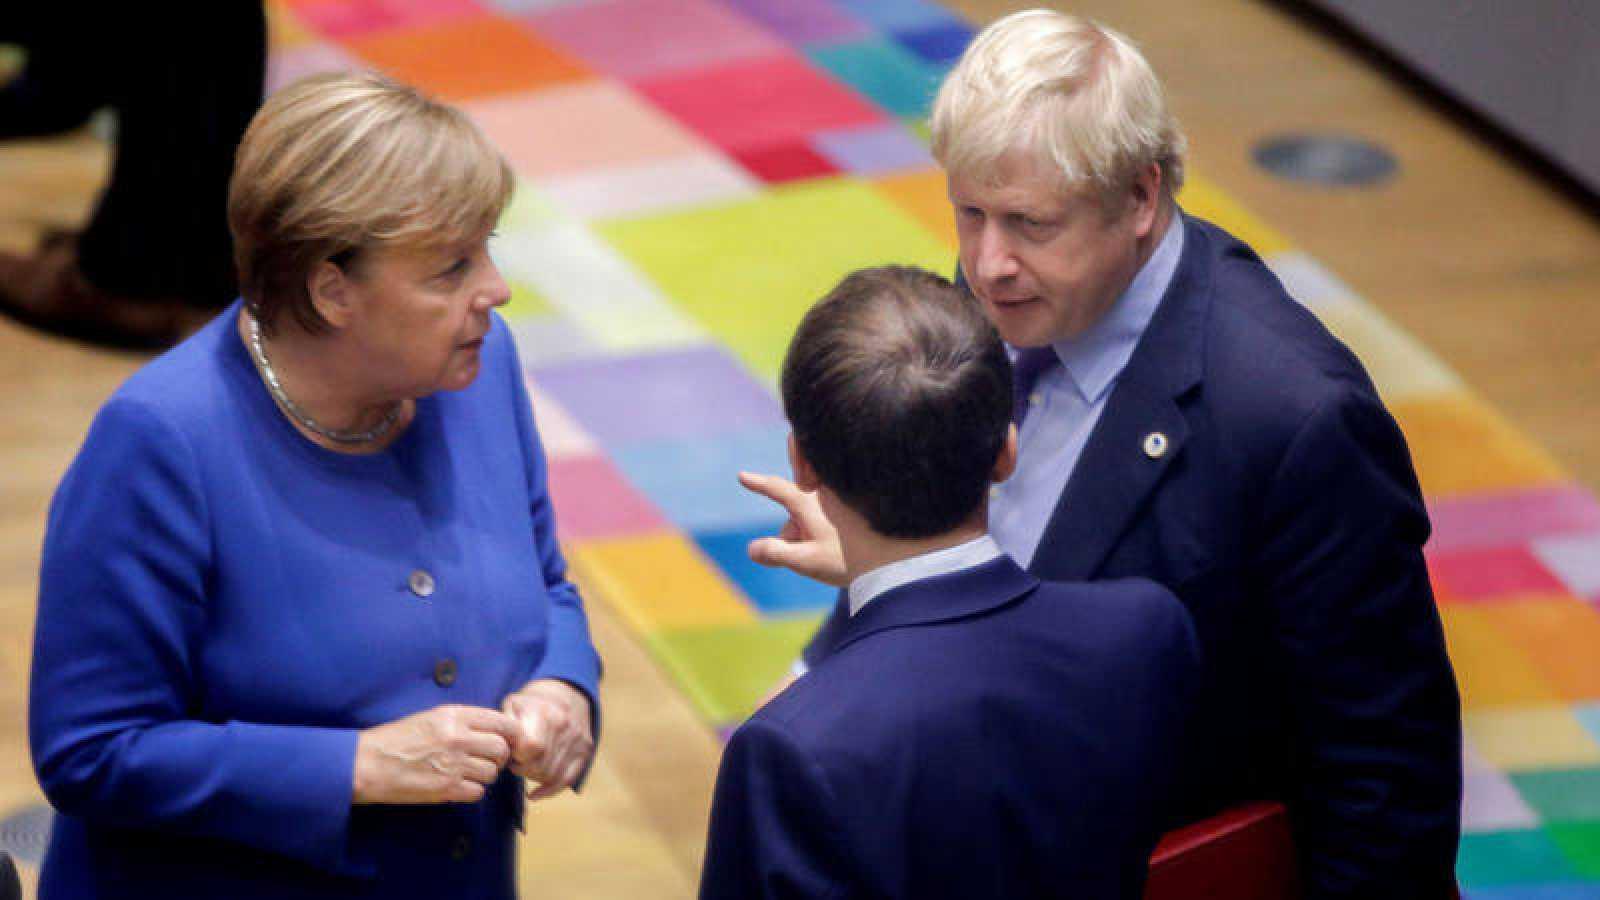 El presidente francés, Emmanuel Macron, la canciller Angela Merkel y el primer ministro Boris Johnson durante una reunión en Bruselas